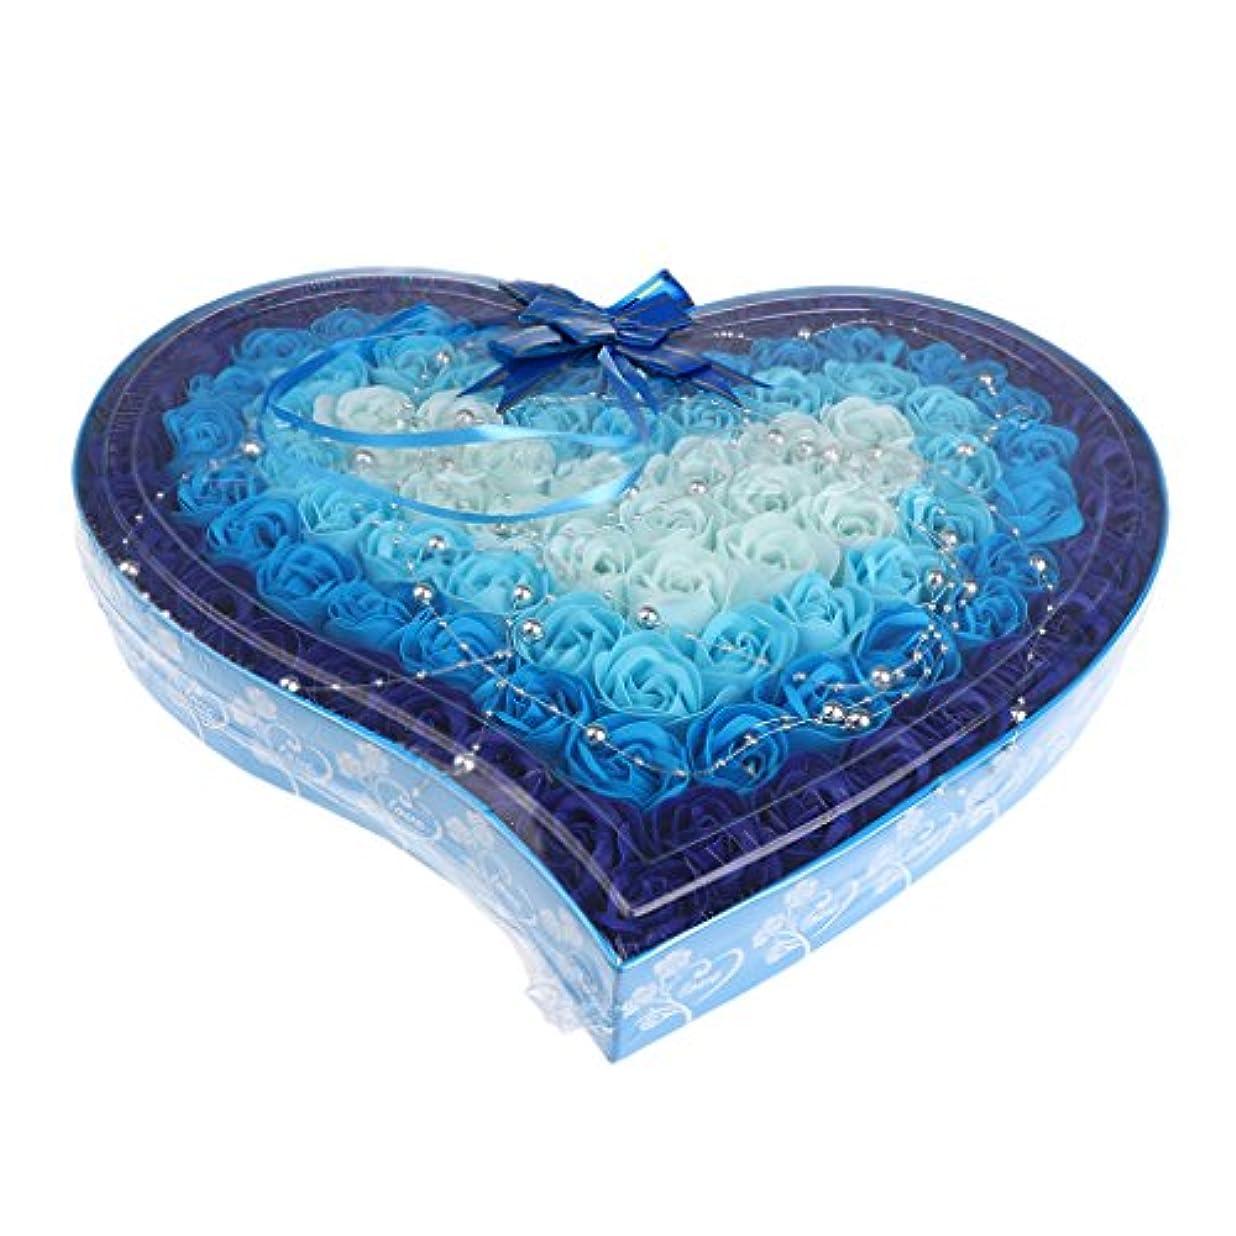 レンダー矩形名詞約100個 ソープフラワー 石鹸の花 母の日 心の形 ギフトボックス バレンタインデー ホワイトデー 母の日 結婚記念日 プレゼント 4色選択可 - 青